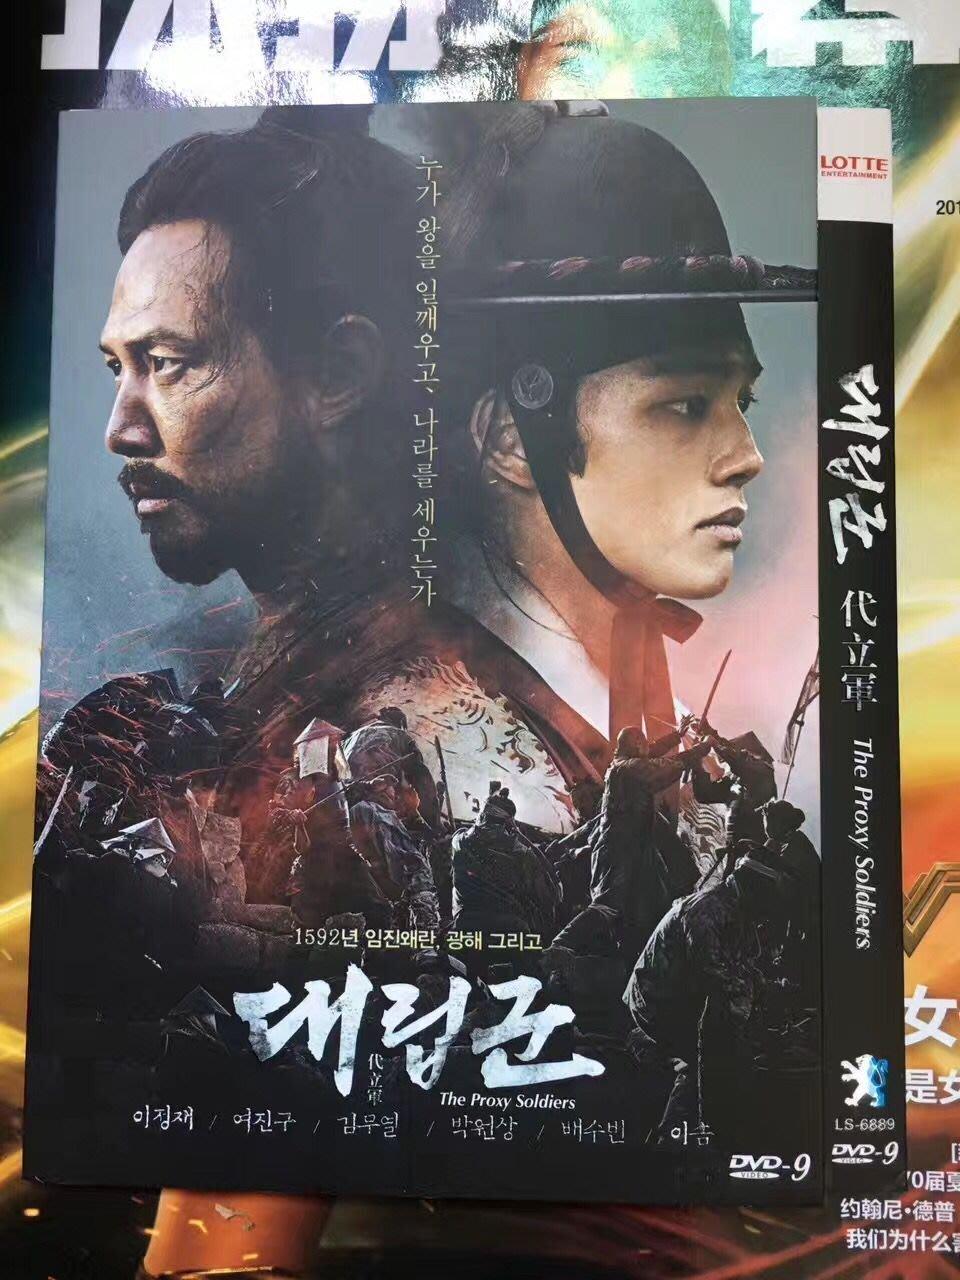 【樂視】 代立軍 ??? (2017) 呂珍九/李政宰/金武烈DVD 精美盒裝